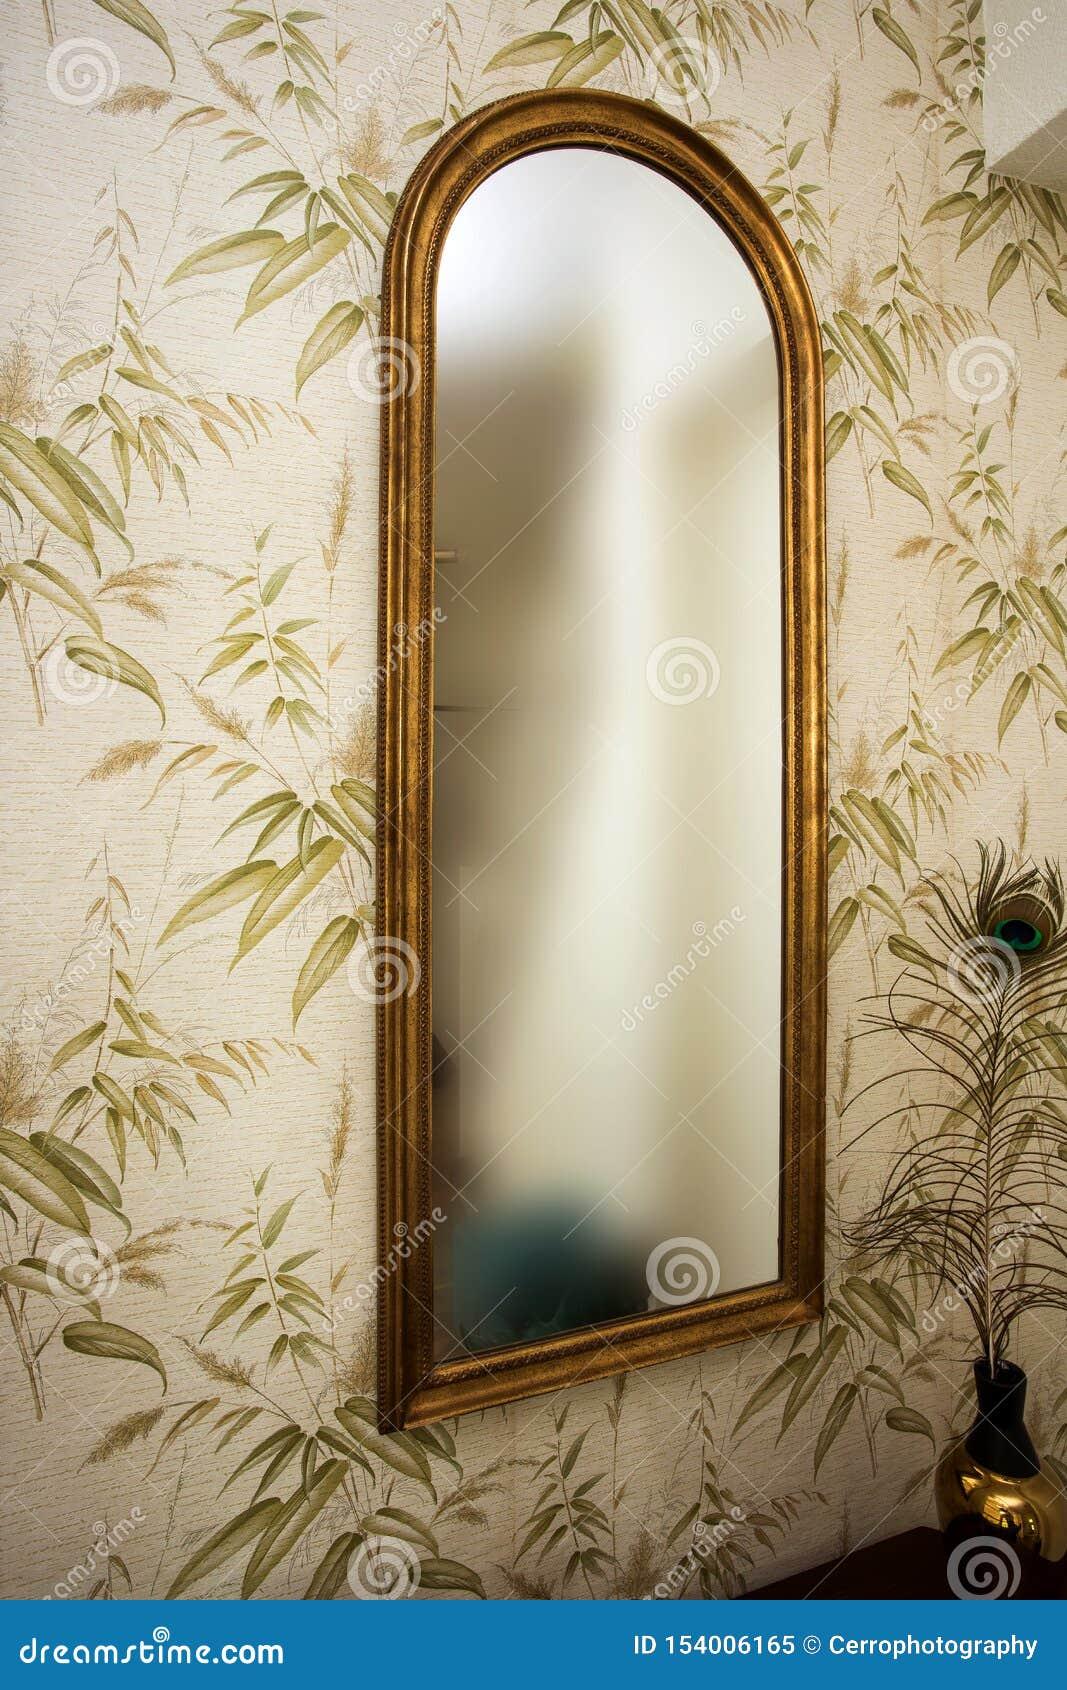 Papier Peint Miroir - Papier Peint Collection